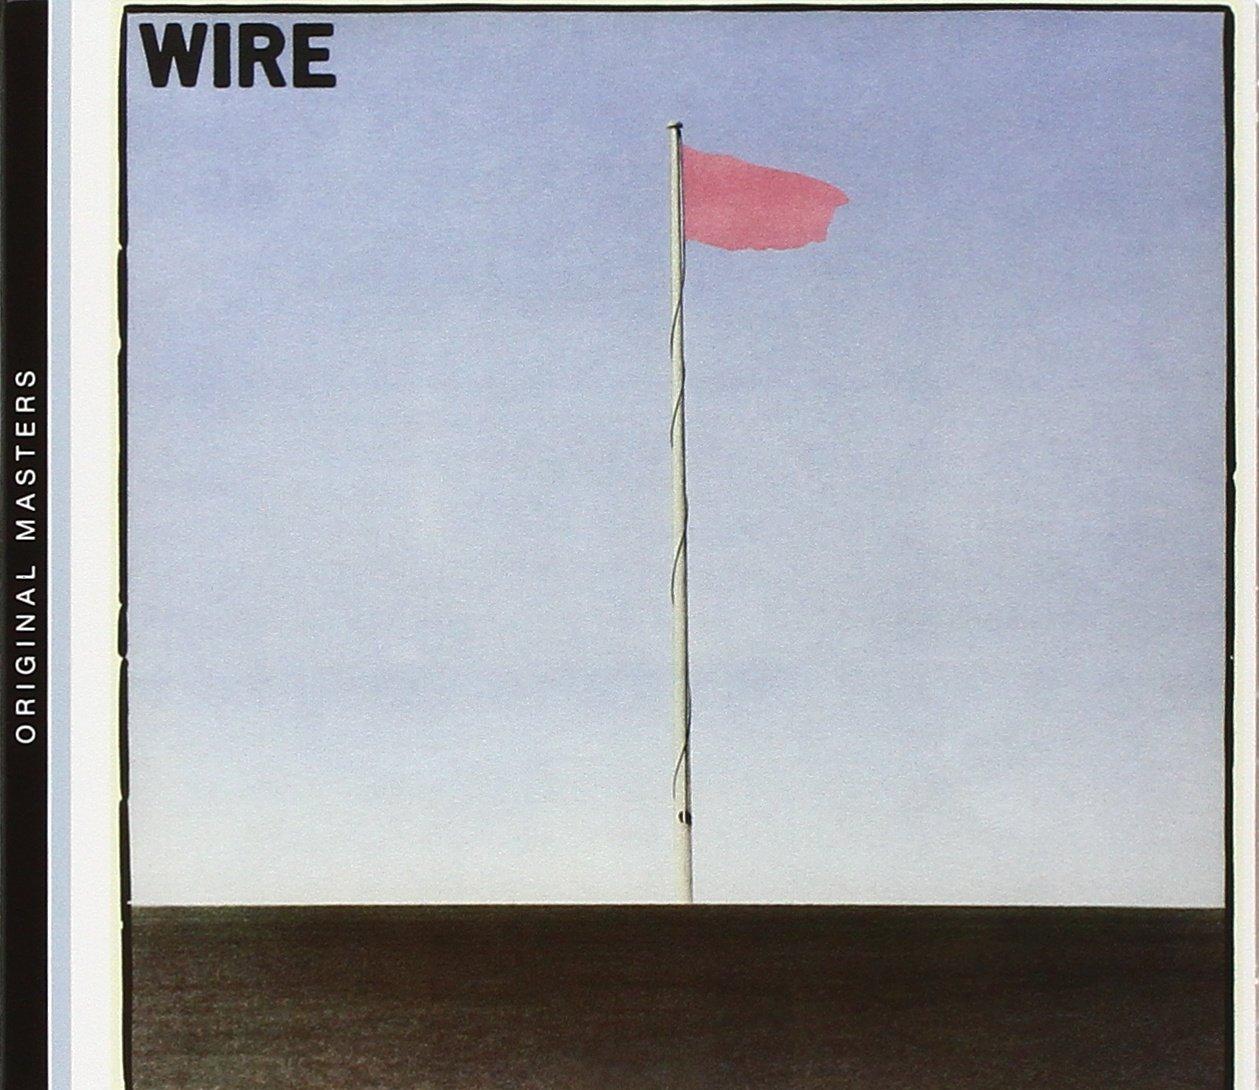 Pink Flag: Amazon.co.uk: Music